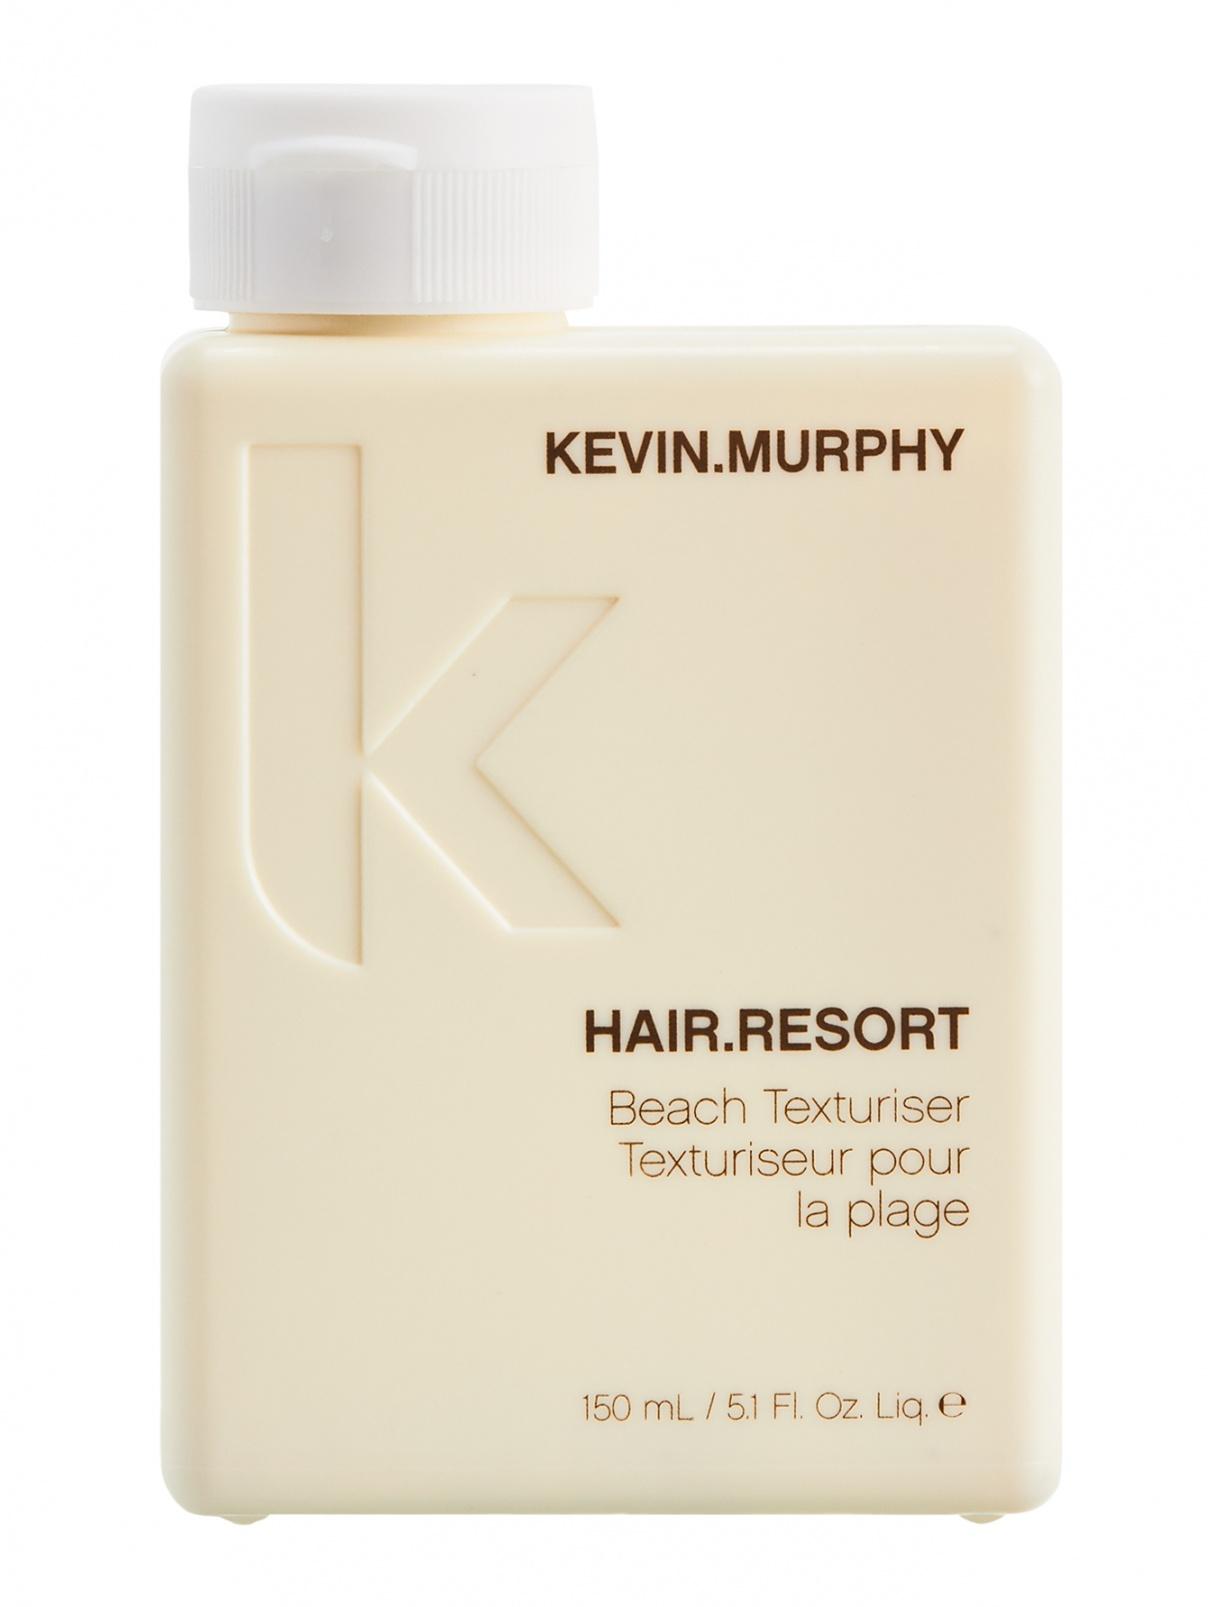 ХЭЙР.РЕЗОРТ текстурирующий лосьон 150 мл Hair Care Kevin Murphy  –  Общий вид